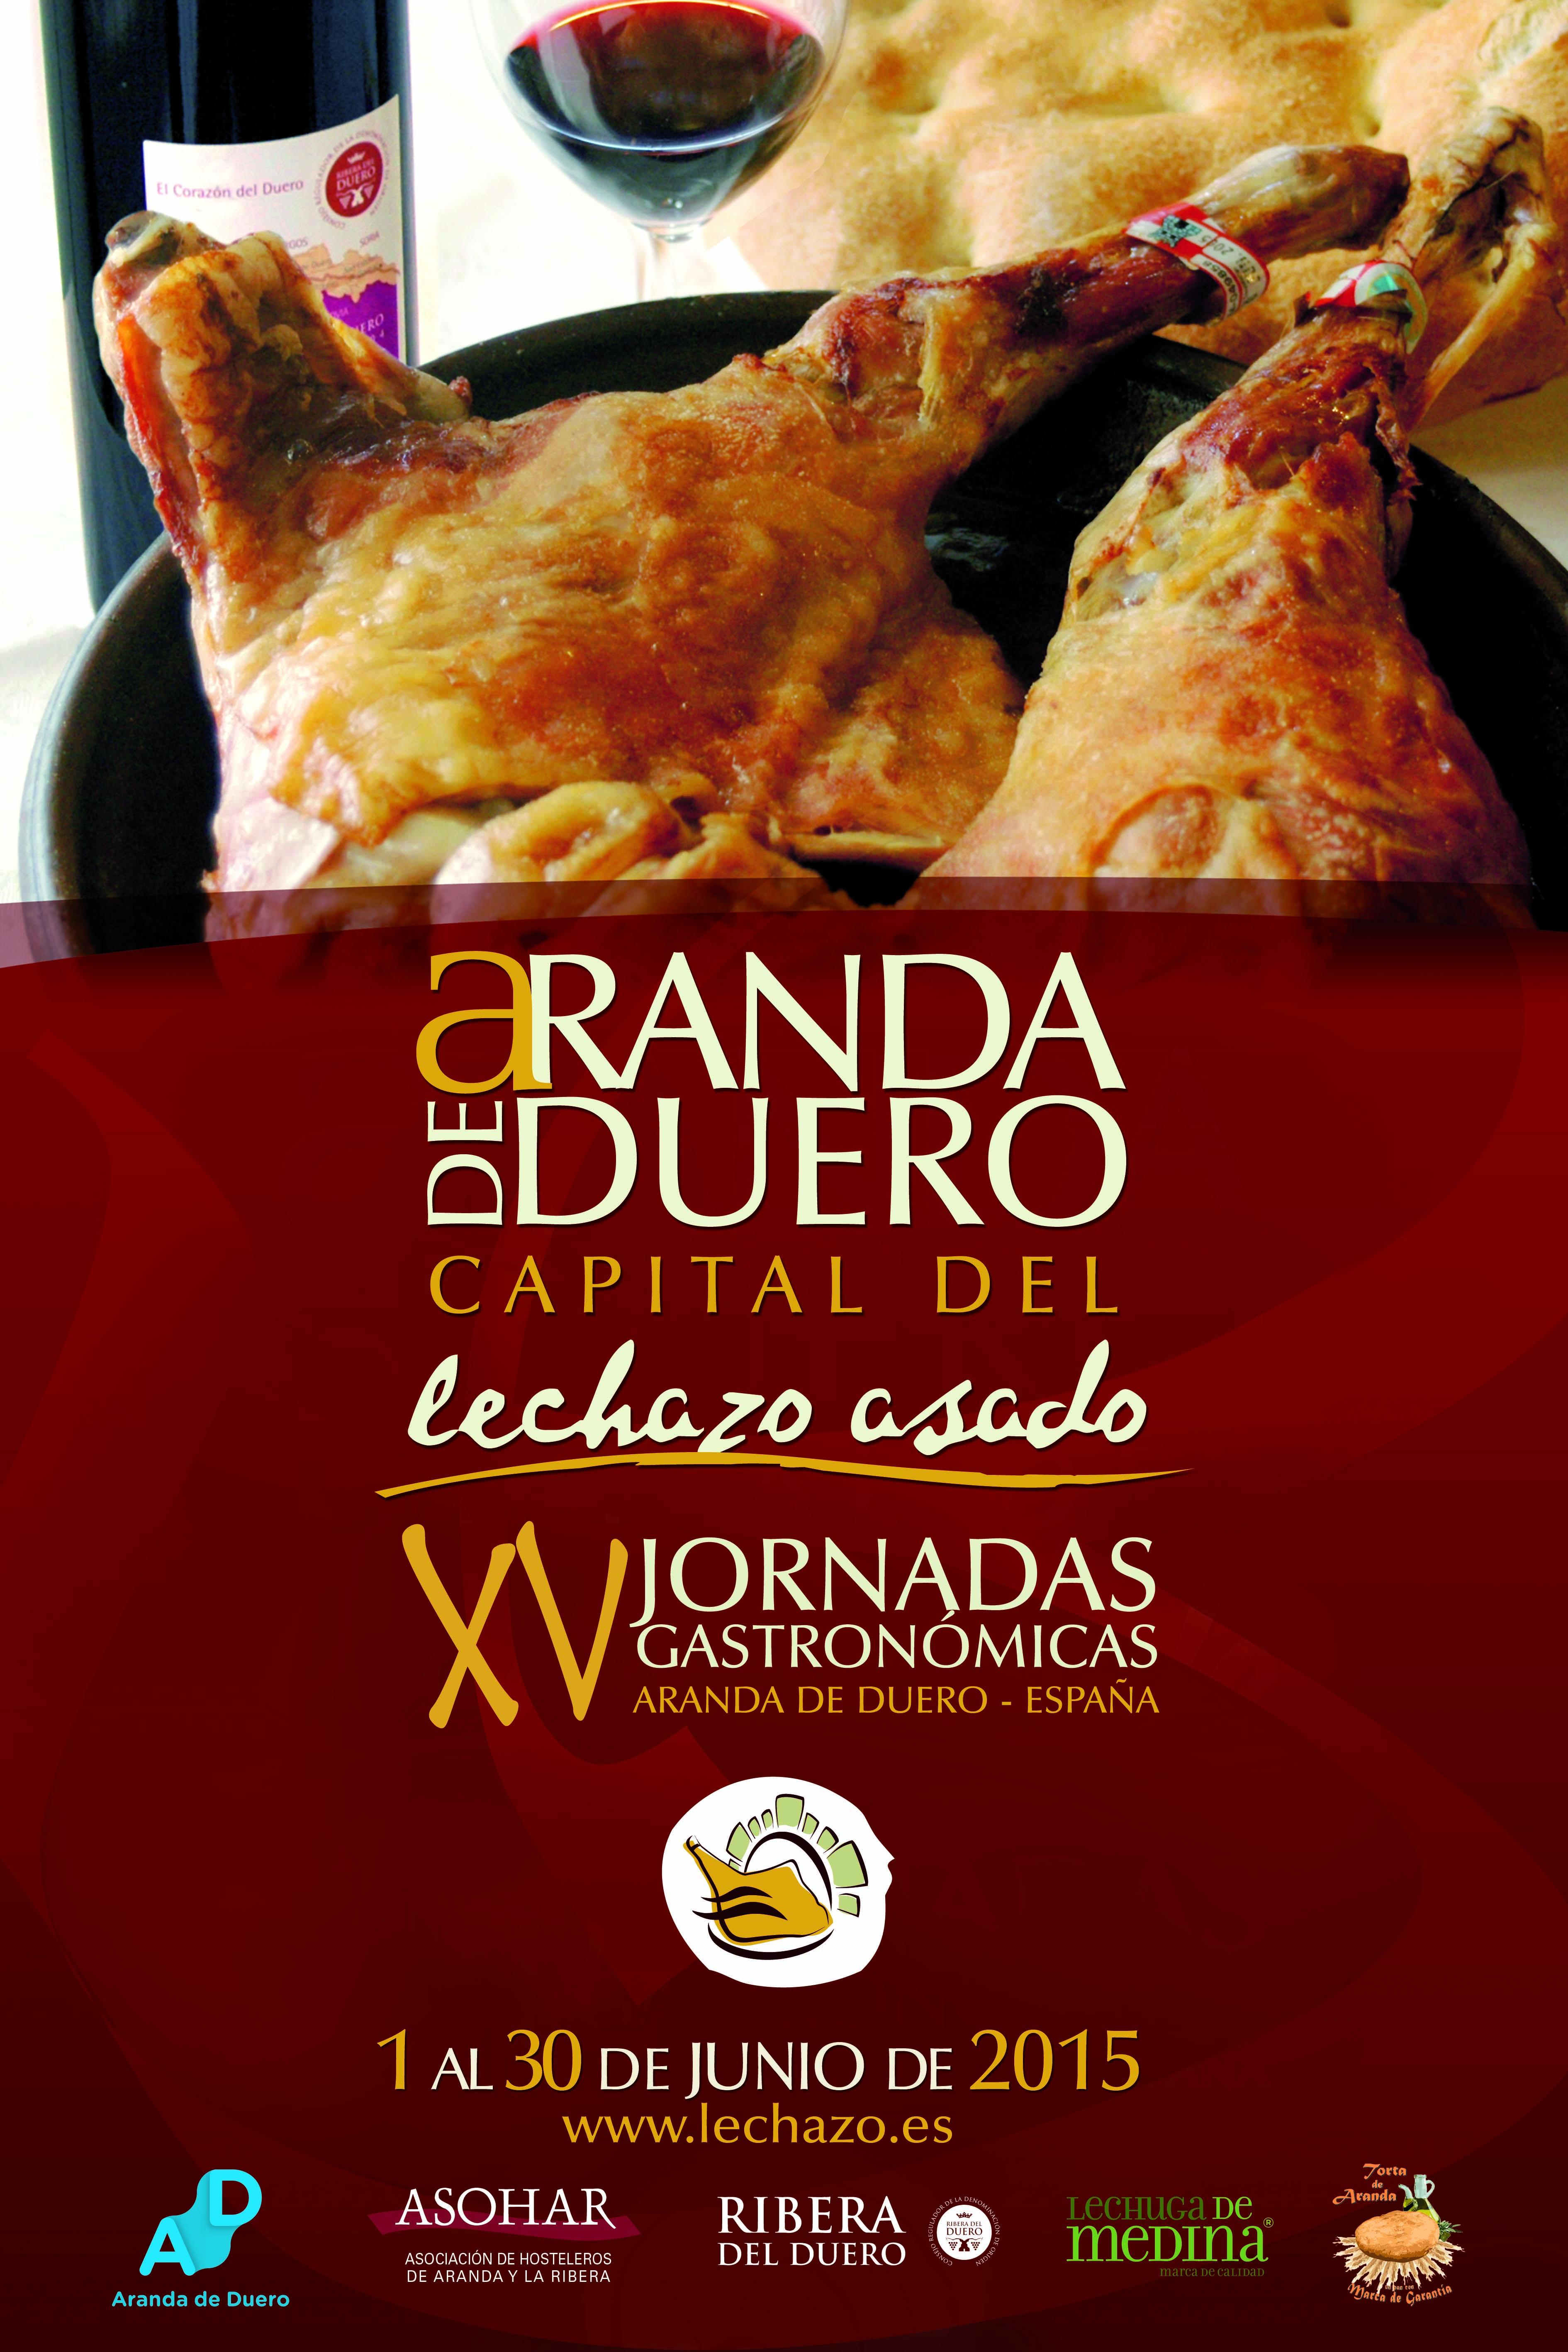 XV Jornadas Gastronómicas del Lechazo